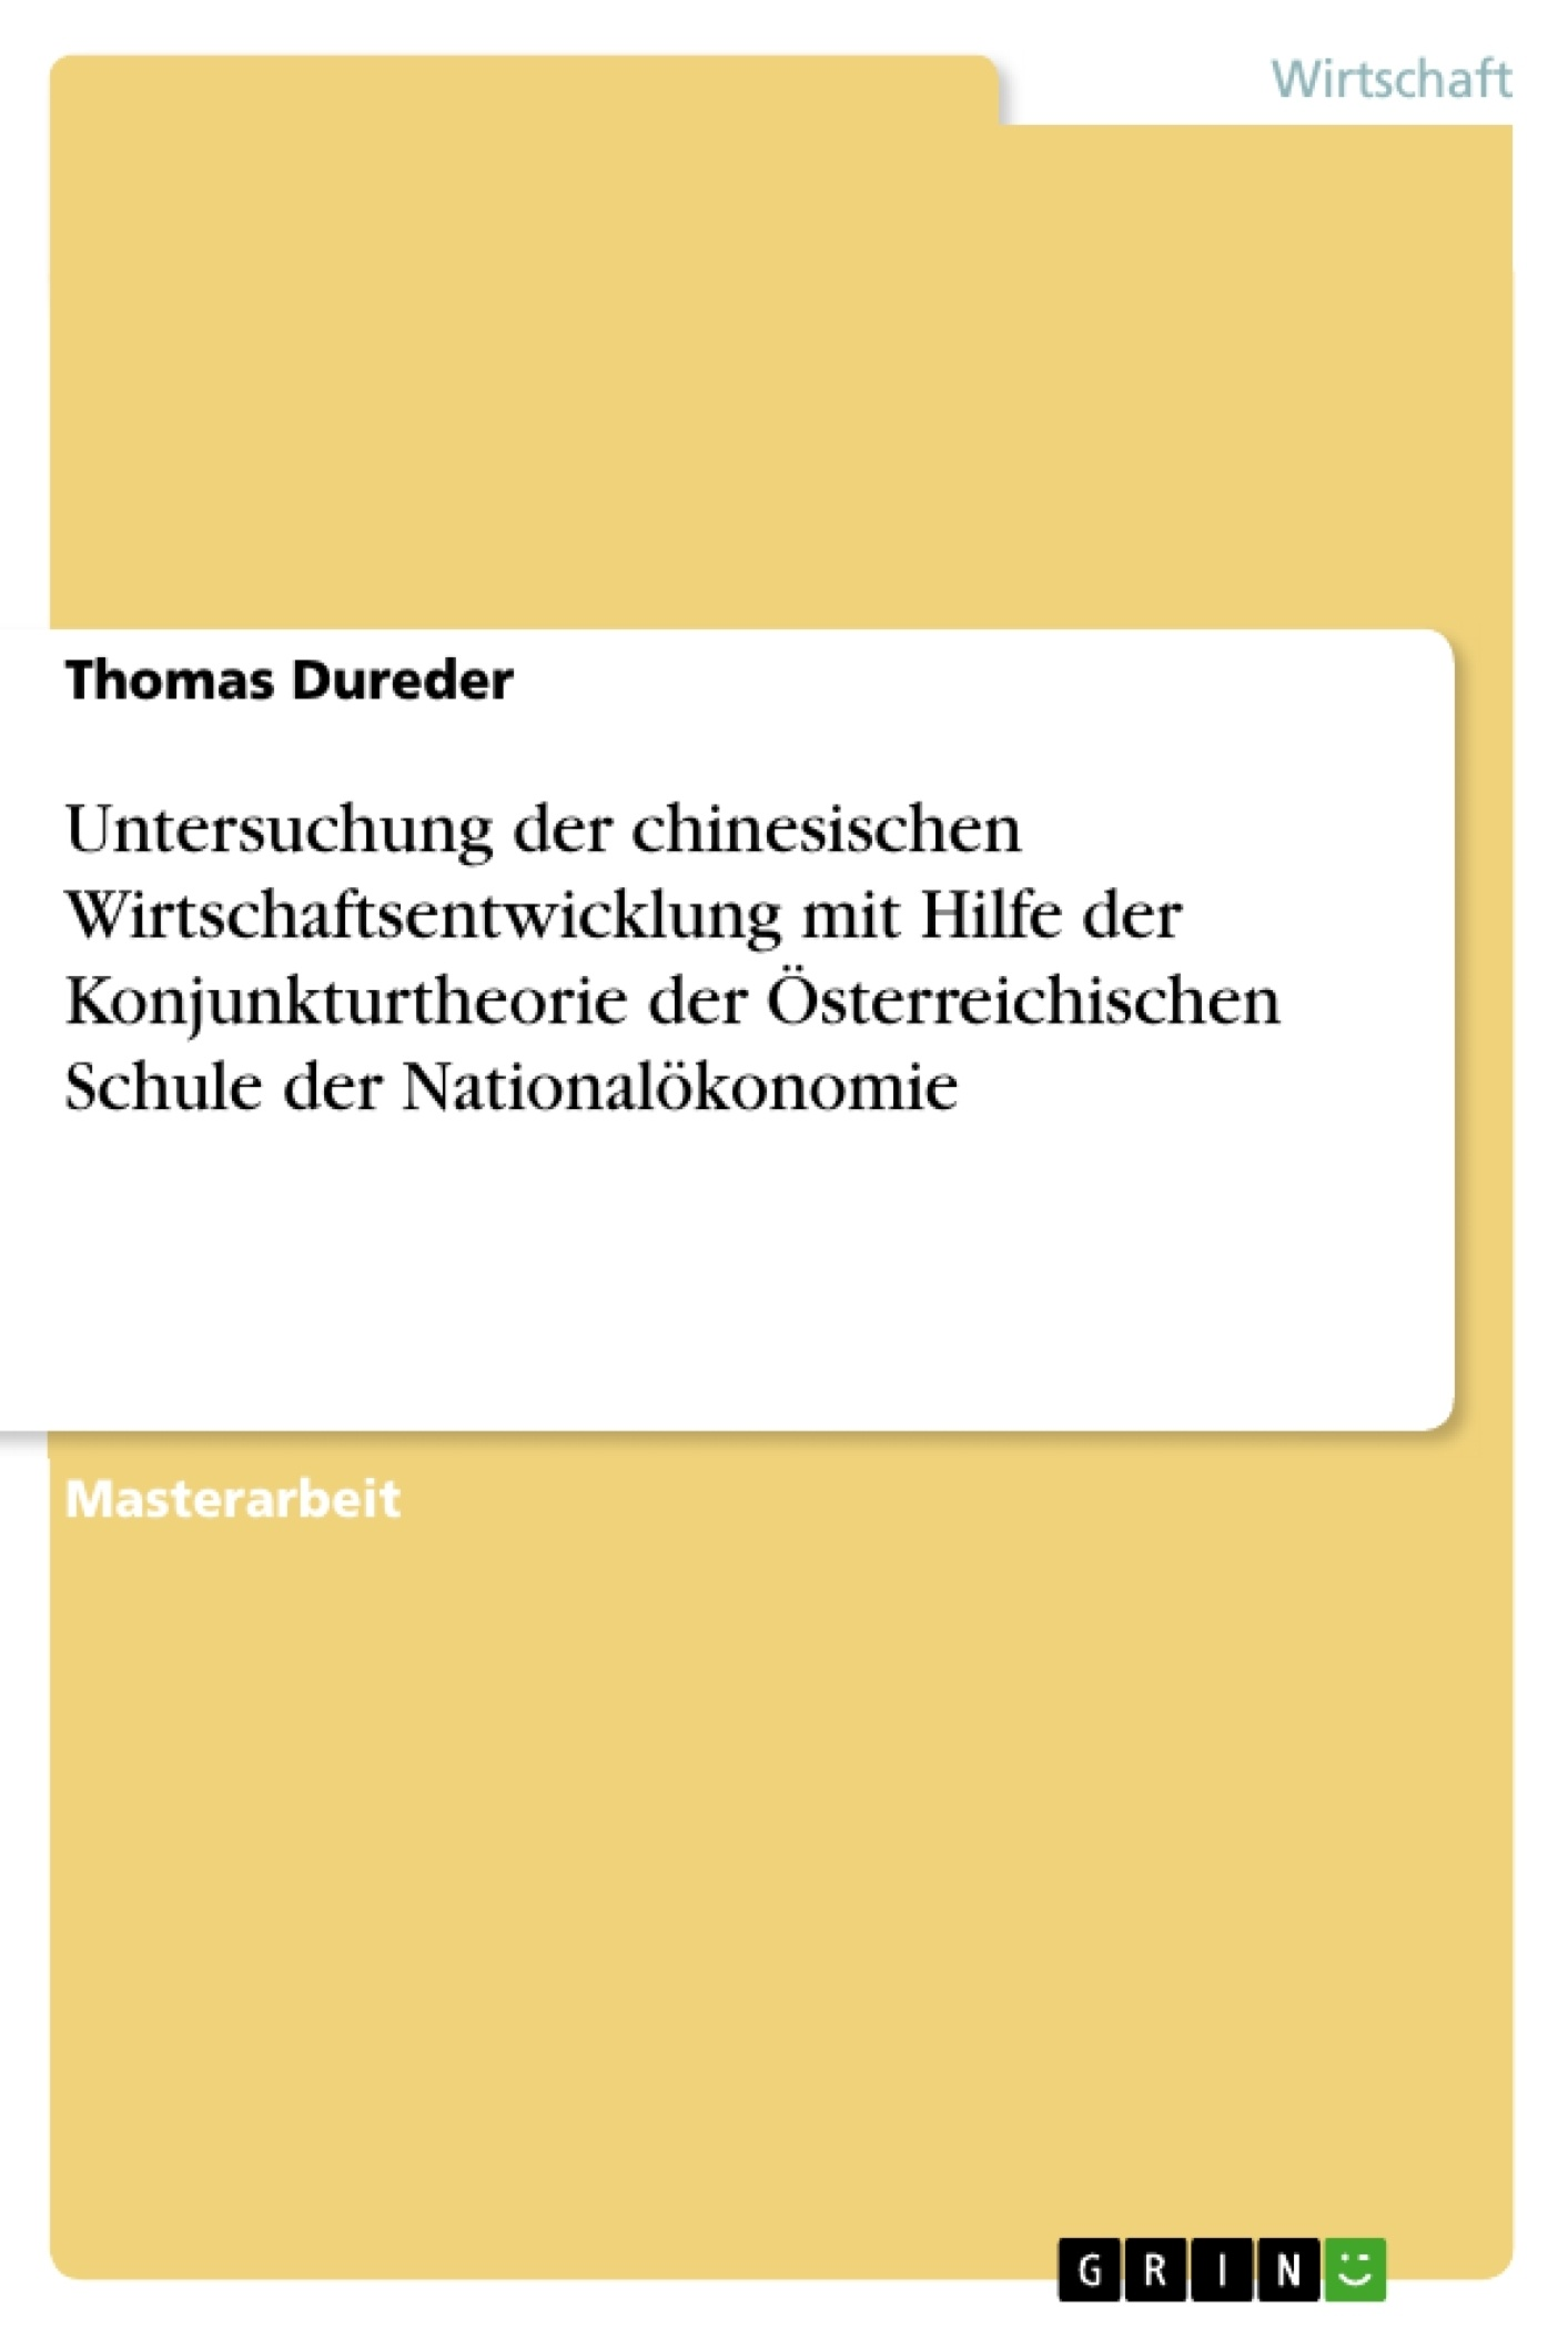 Titel: Untersuchung der chinesischen Wirtschaftsentwicklung mit Hilfe der Konjunkturtheorie der Österreichischen Schule der Nationalökonomie